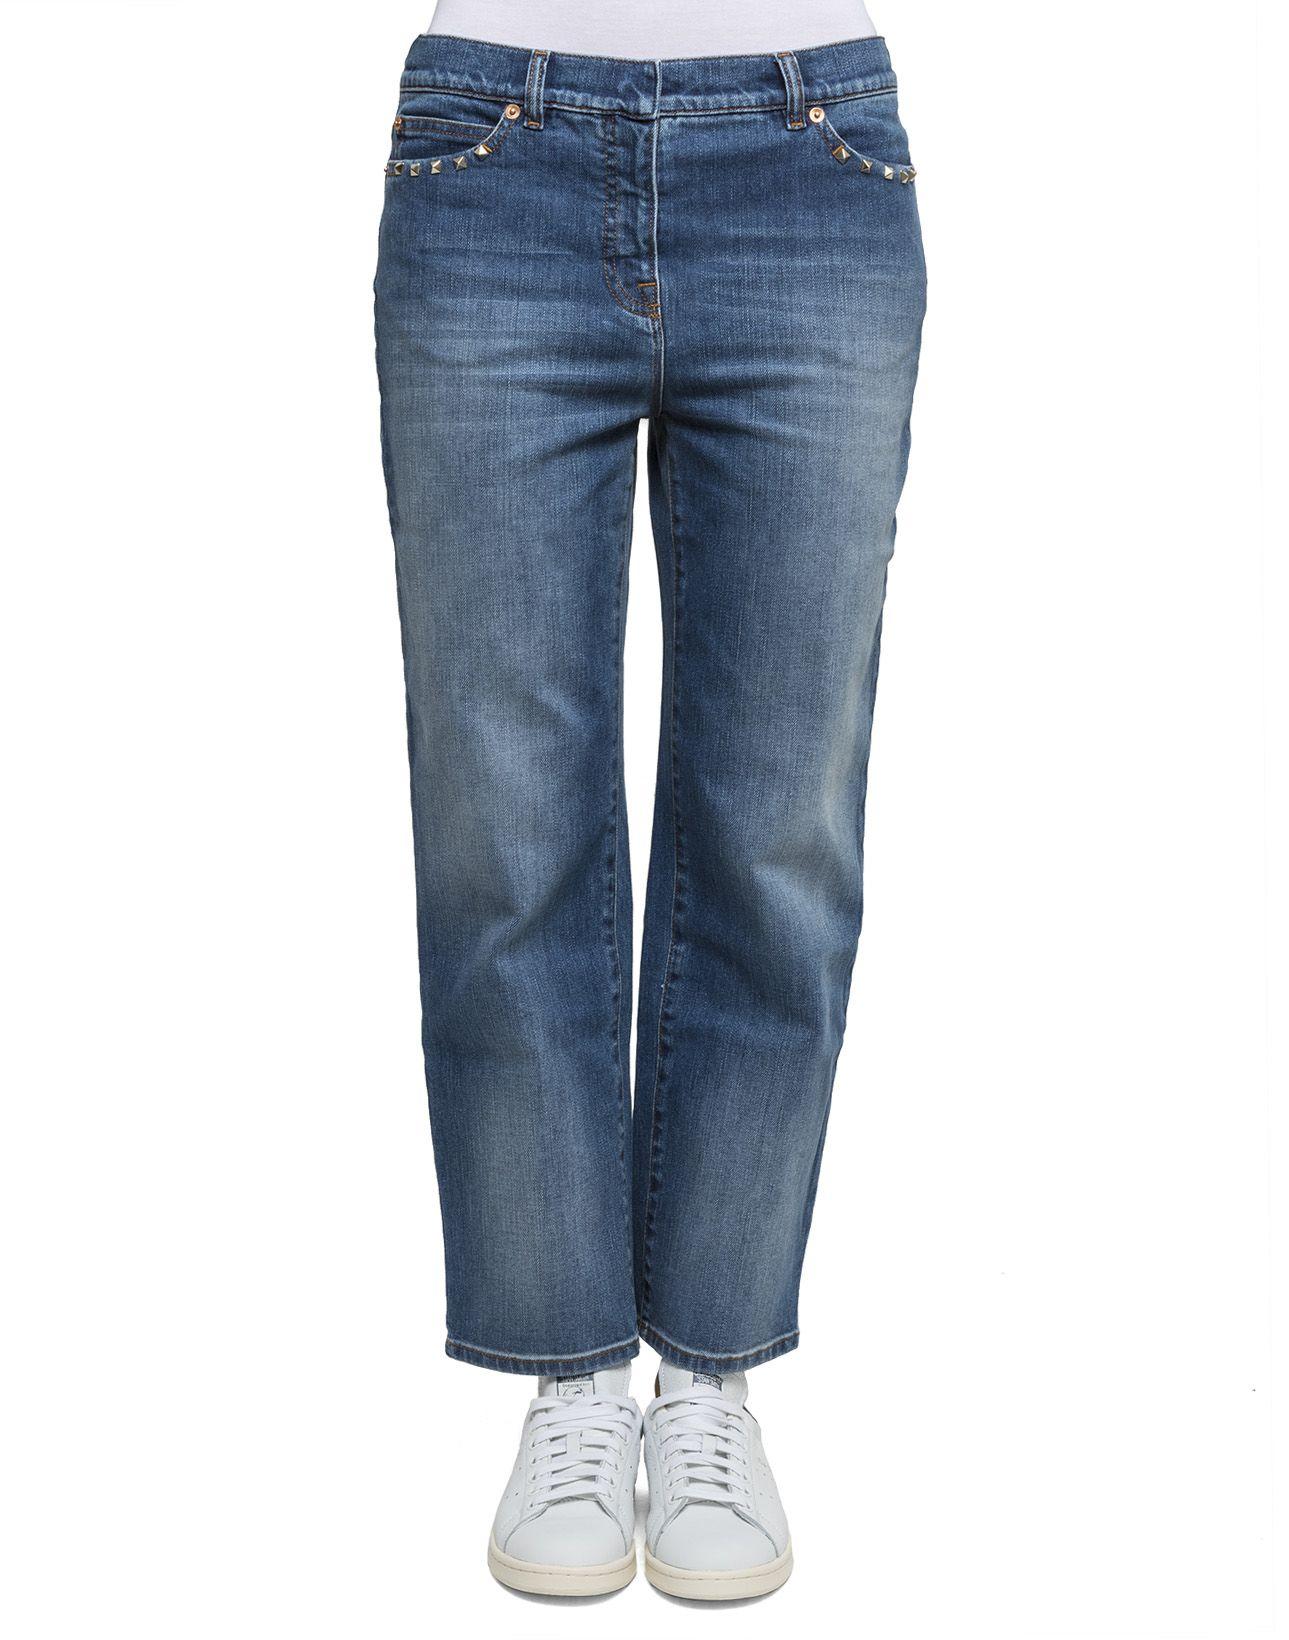 Light Blue Cotton Jeans 5553105